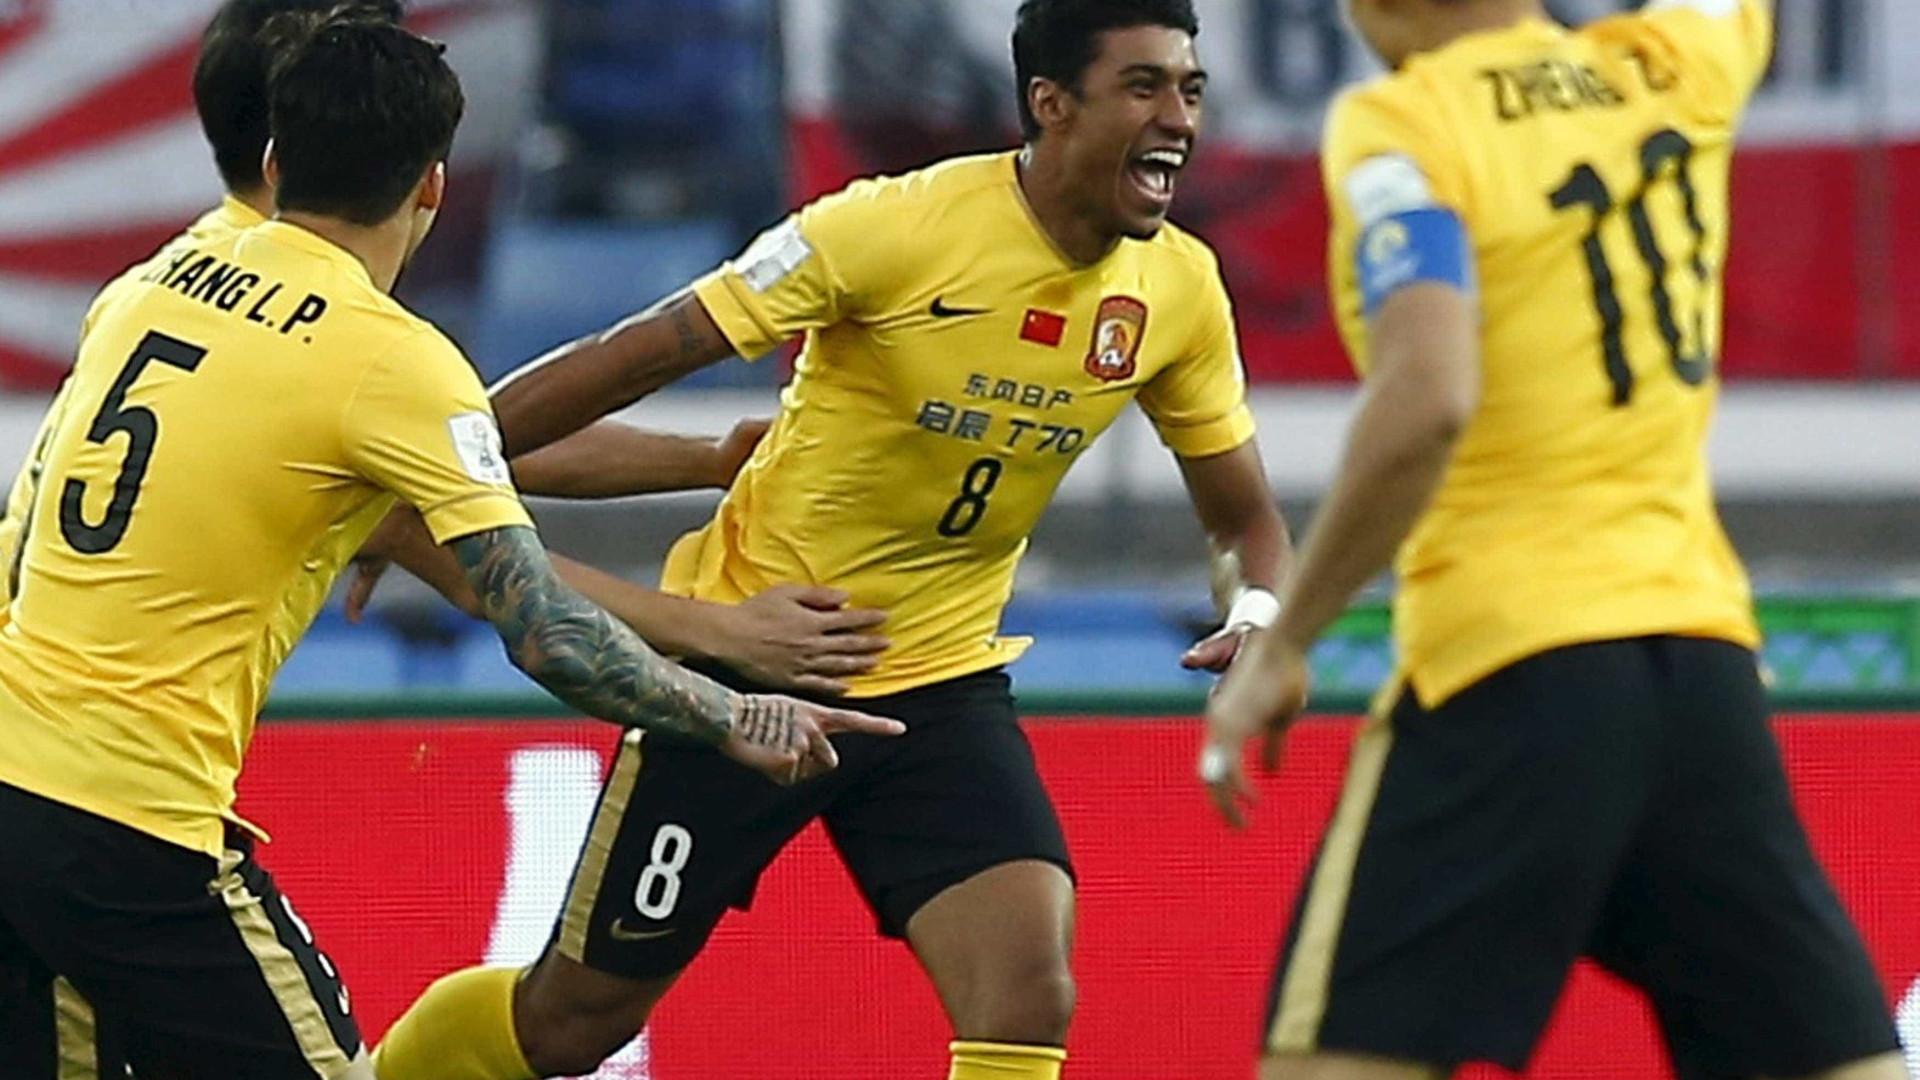 Scolari confirma: Paulinho já é jogador do Barcelona